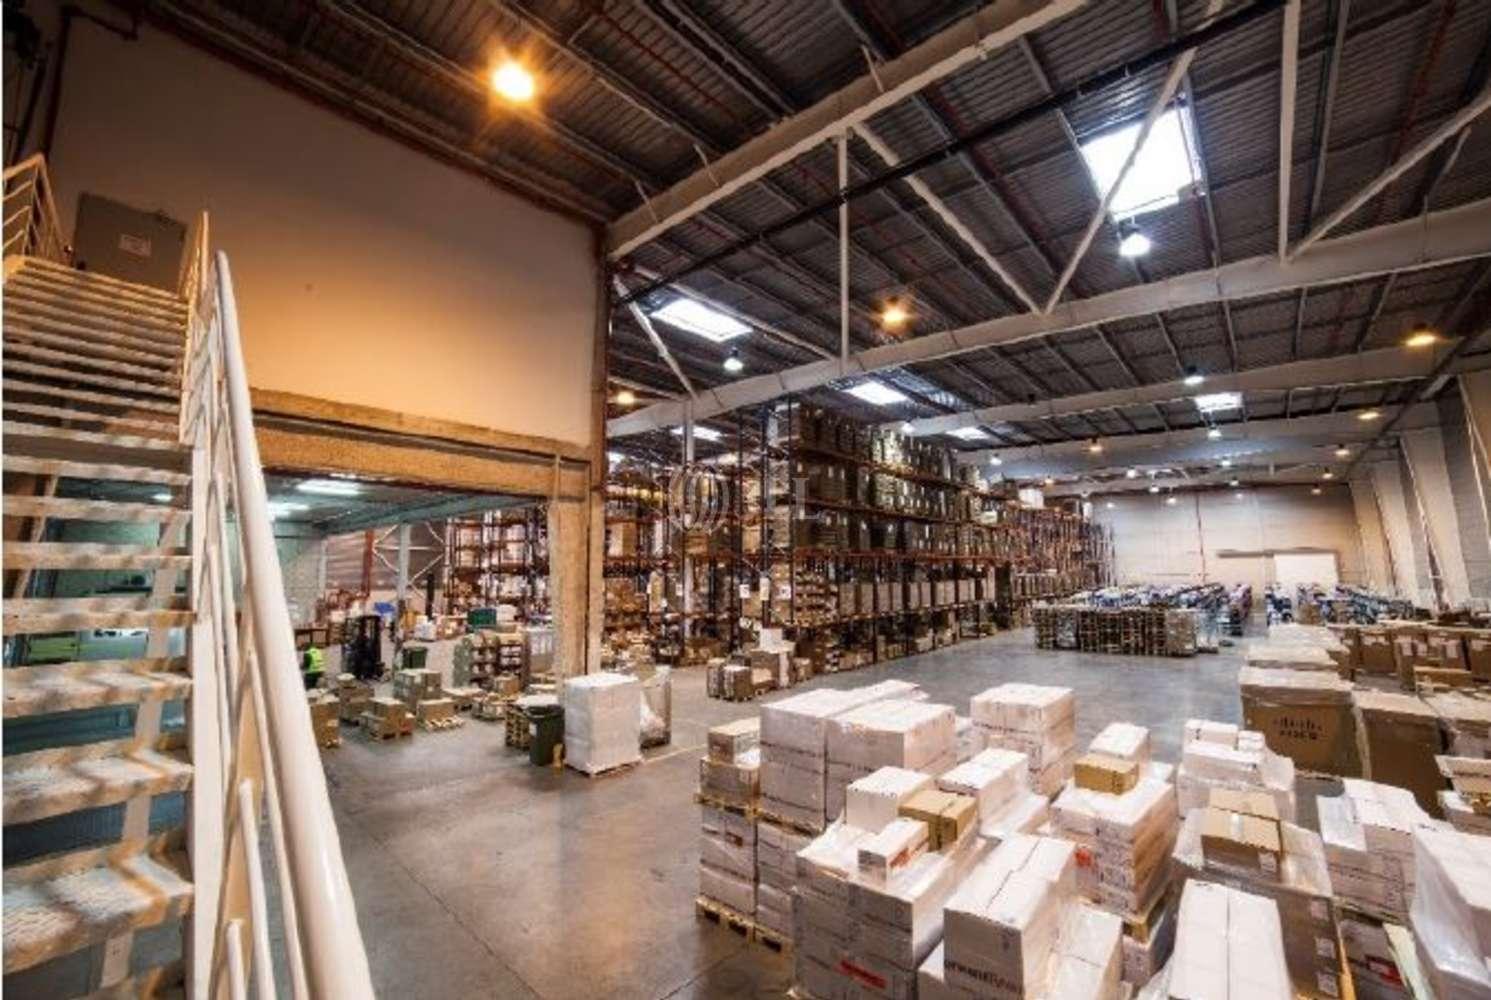 Naves industriales y logísticas Alcalá de henares, 28802 - M0347 PLATAFORMA LOGISTICA ALCALA HENARES